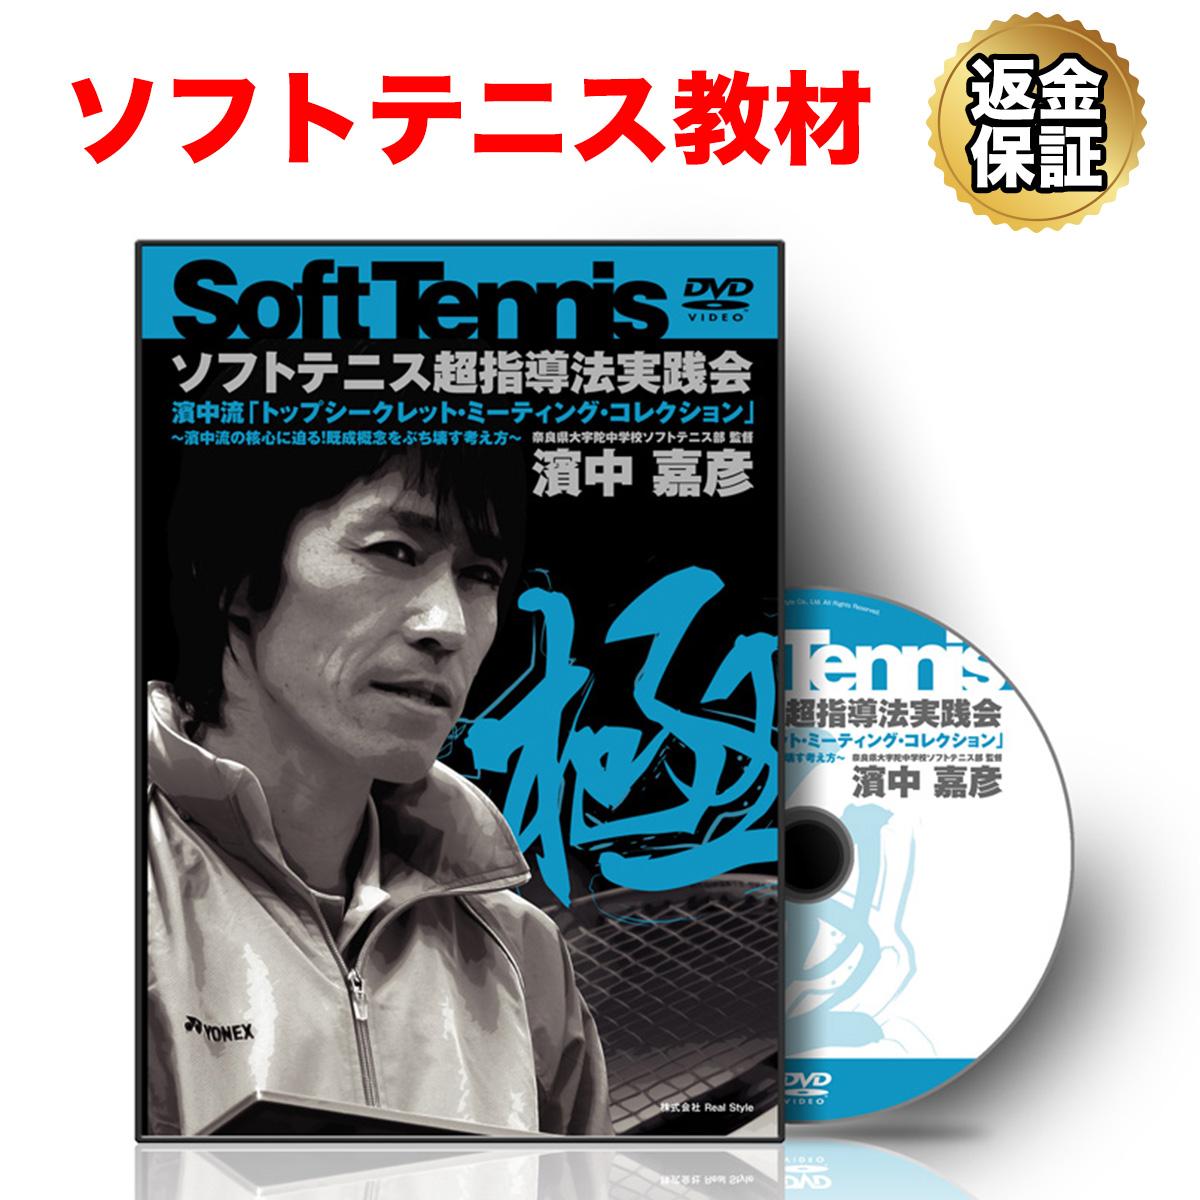 ソフトテニス 教材 DVD 登場大人気アイテム 濱中流 コレクション ミーティング NEW ARRIVAL トップシークレット